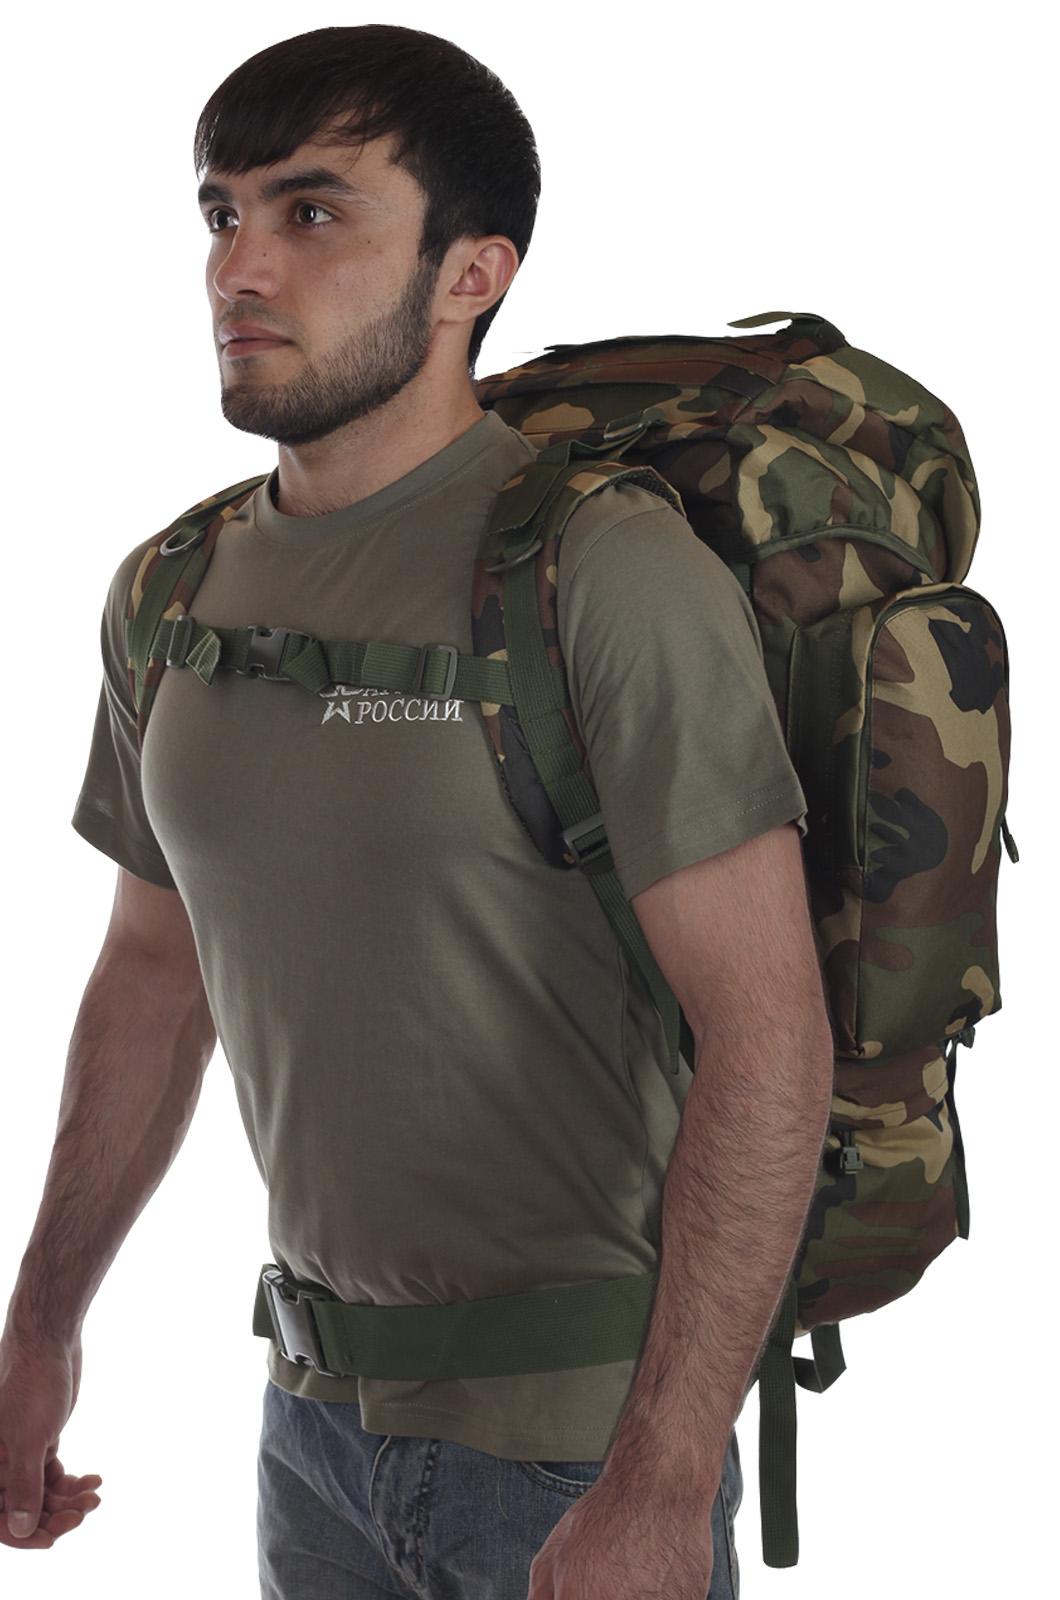 Большой камуфляжный рюкзак с нашивкой Охотничьих войск купить в подарок